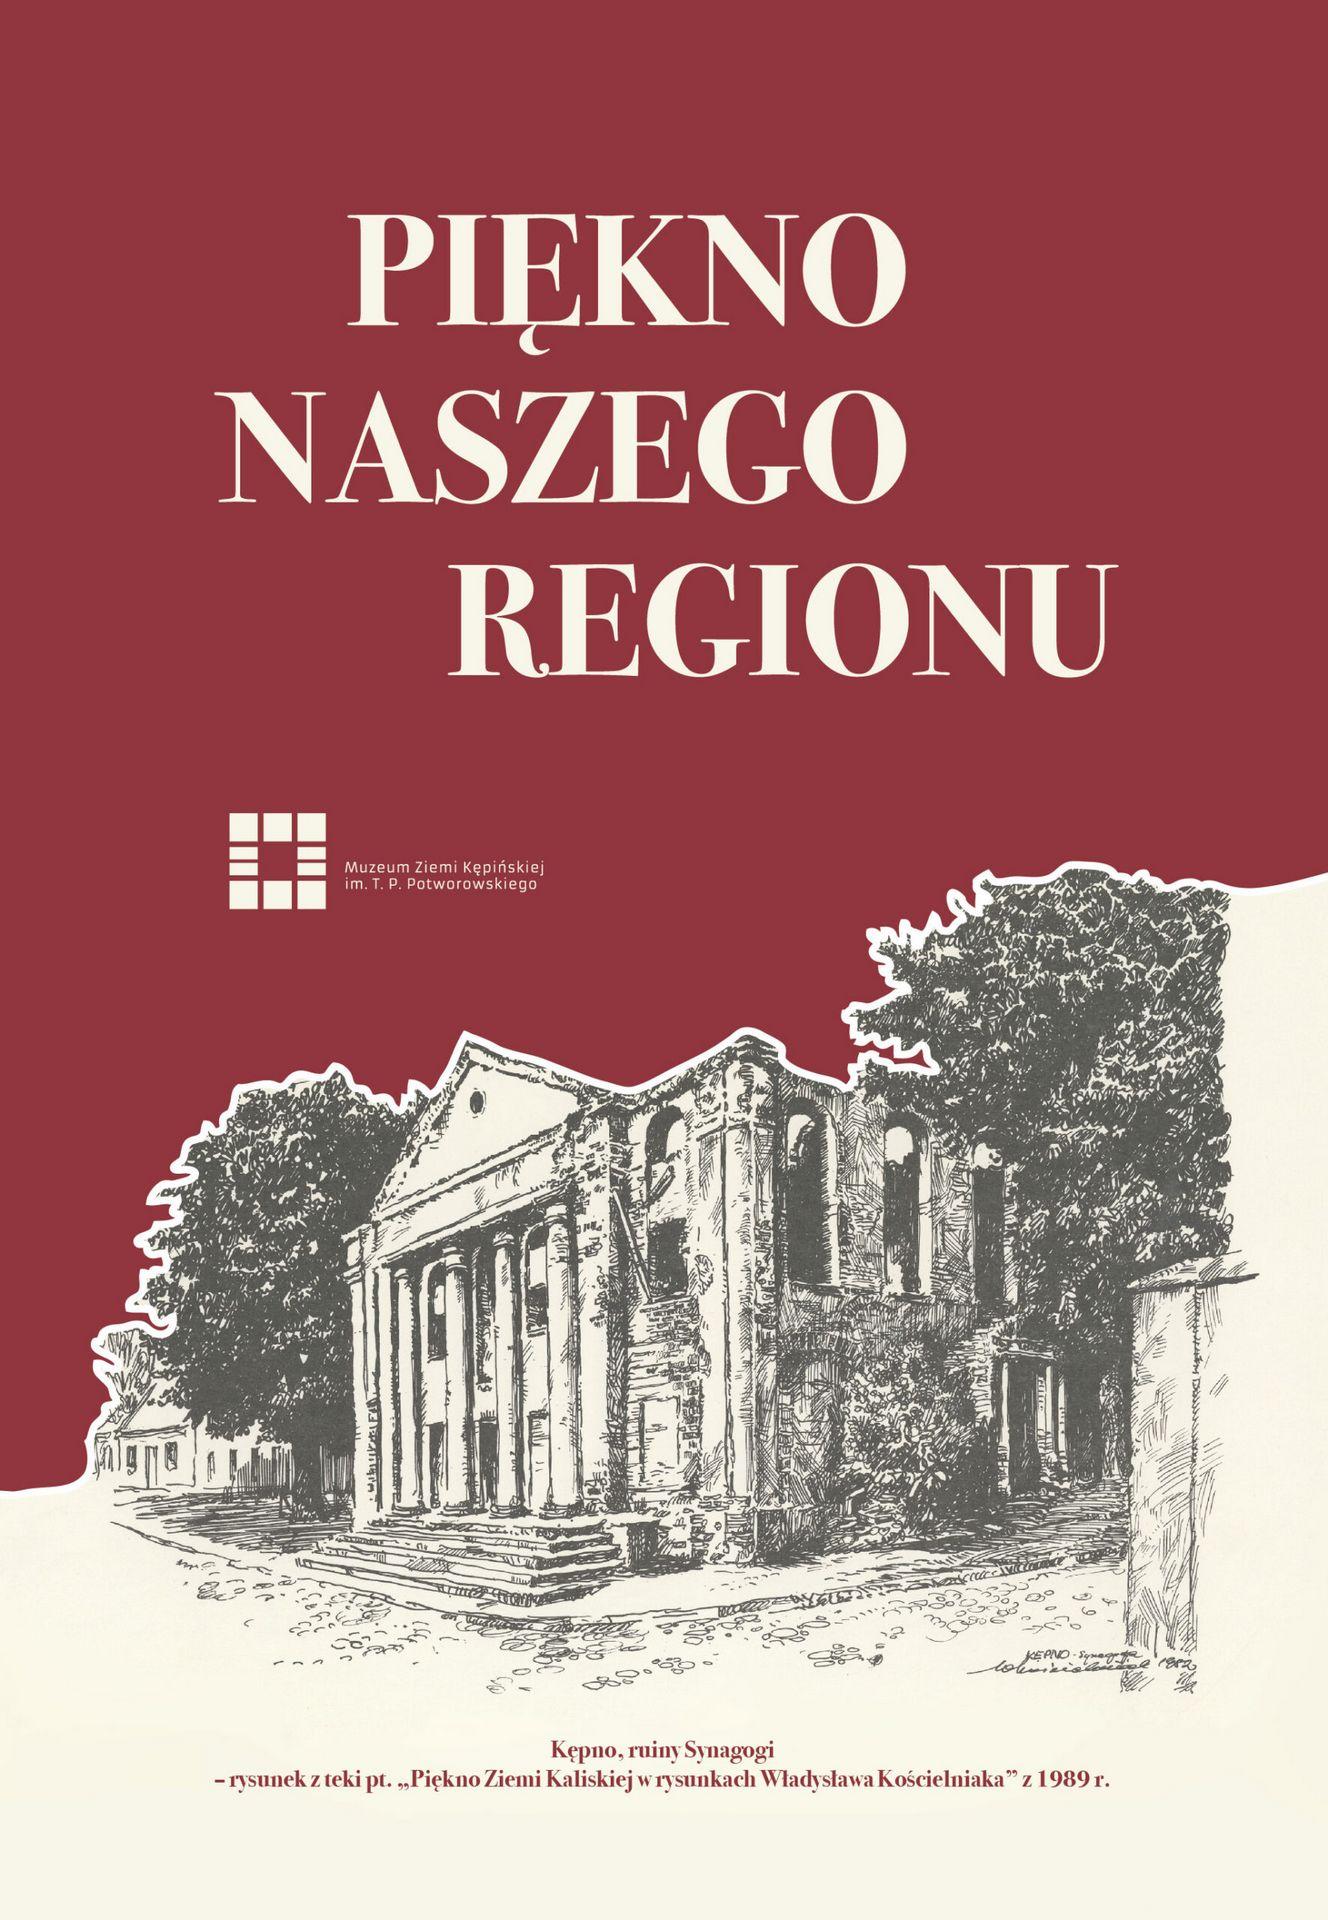 Plakat wystawy piękno naszego regionu u góry napis Piękno naszego regionu poniżej logo muzeum i na dole rysunek Synagogi z Kępna